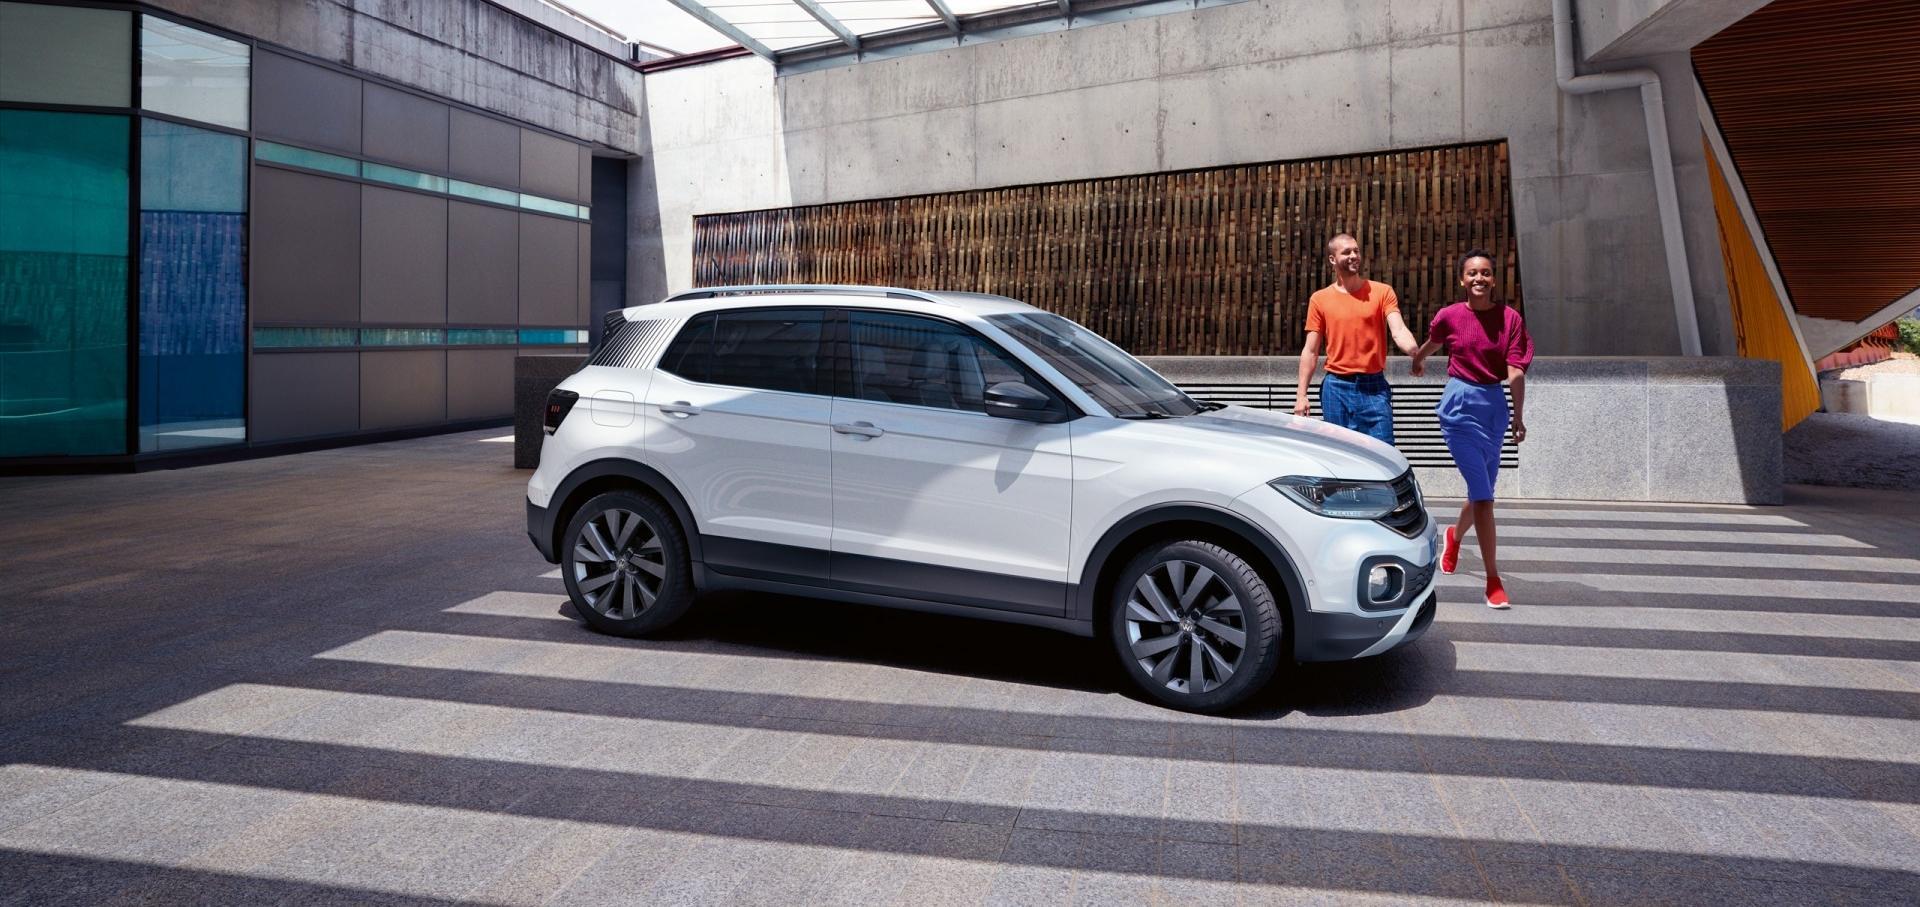 Ya puedes encargar el Volkswagen T-Cross